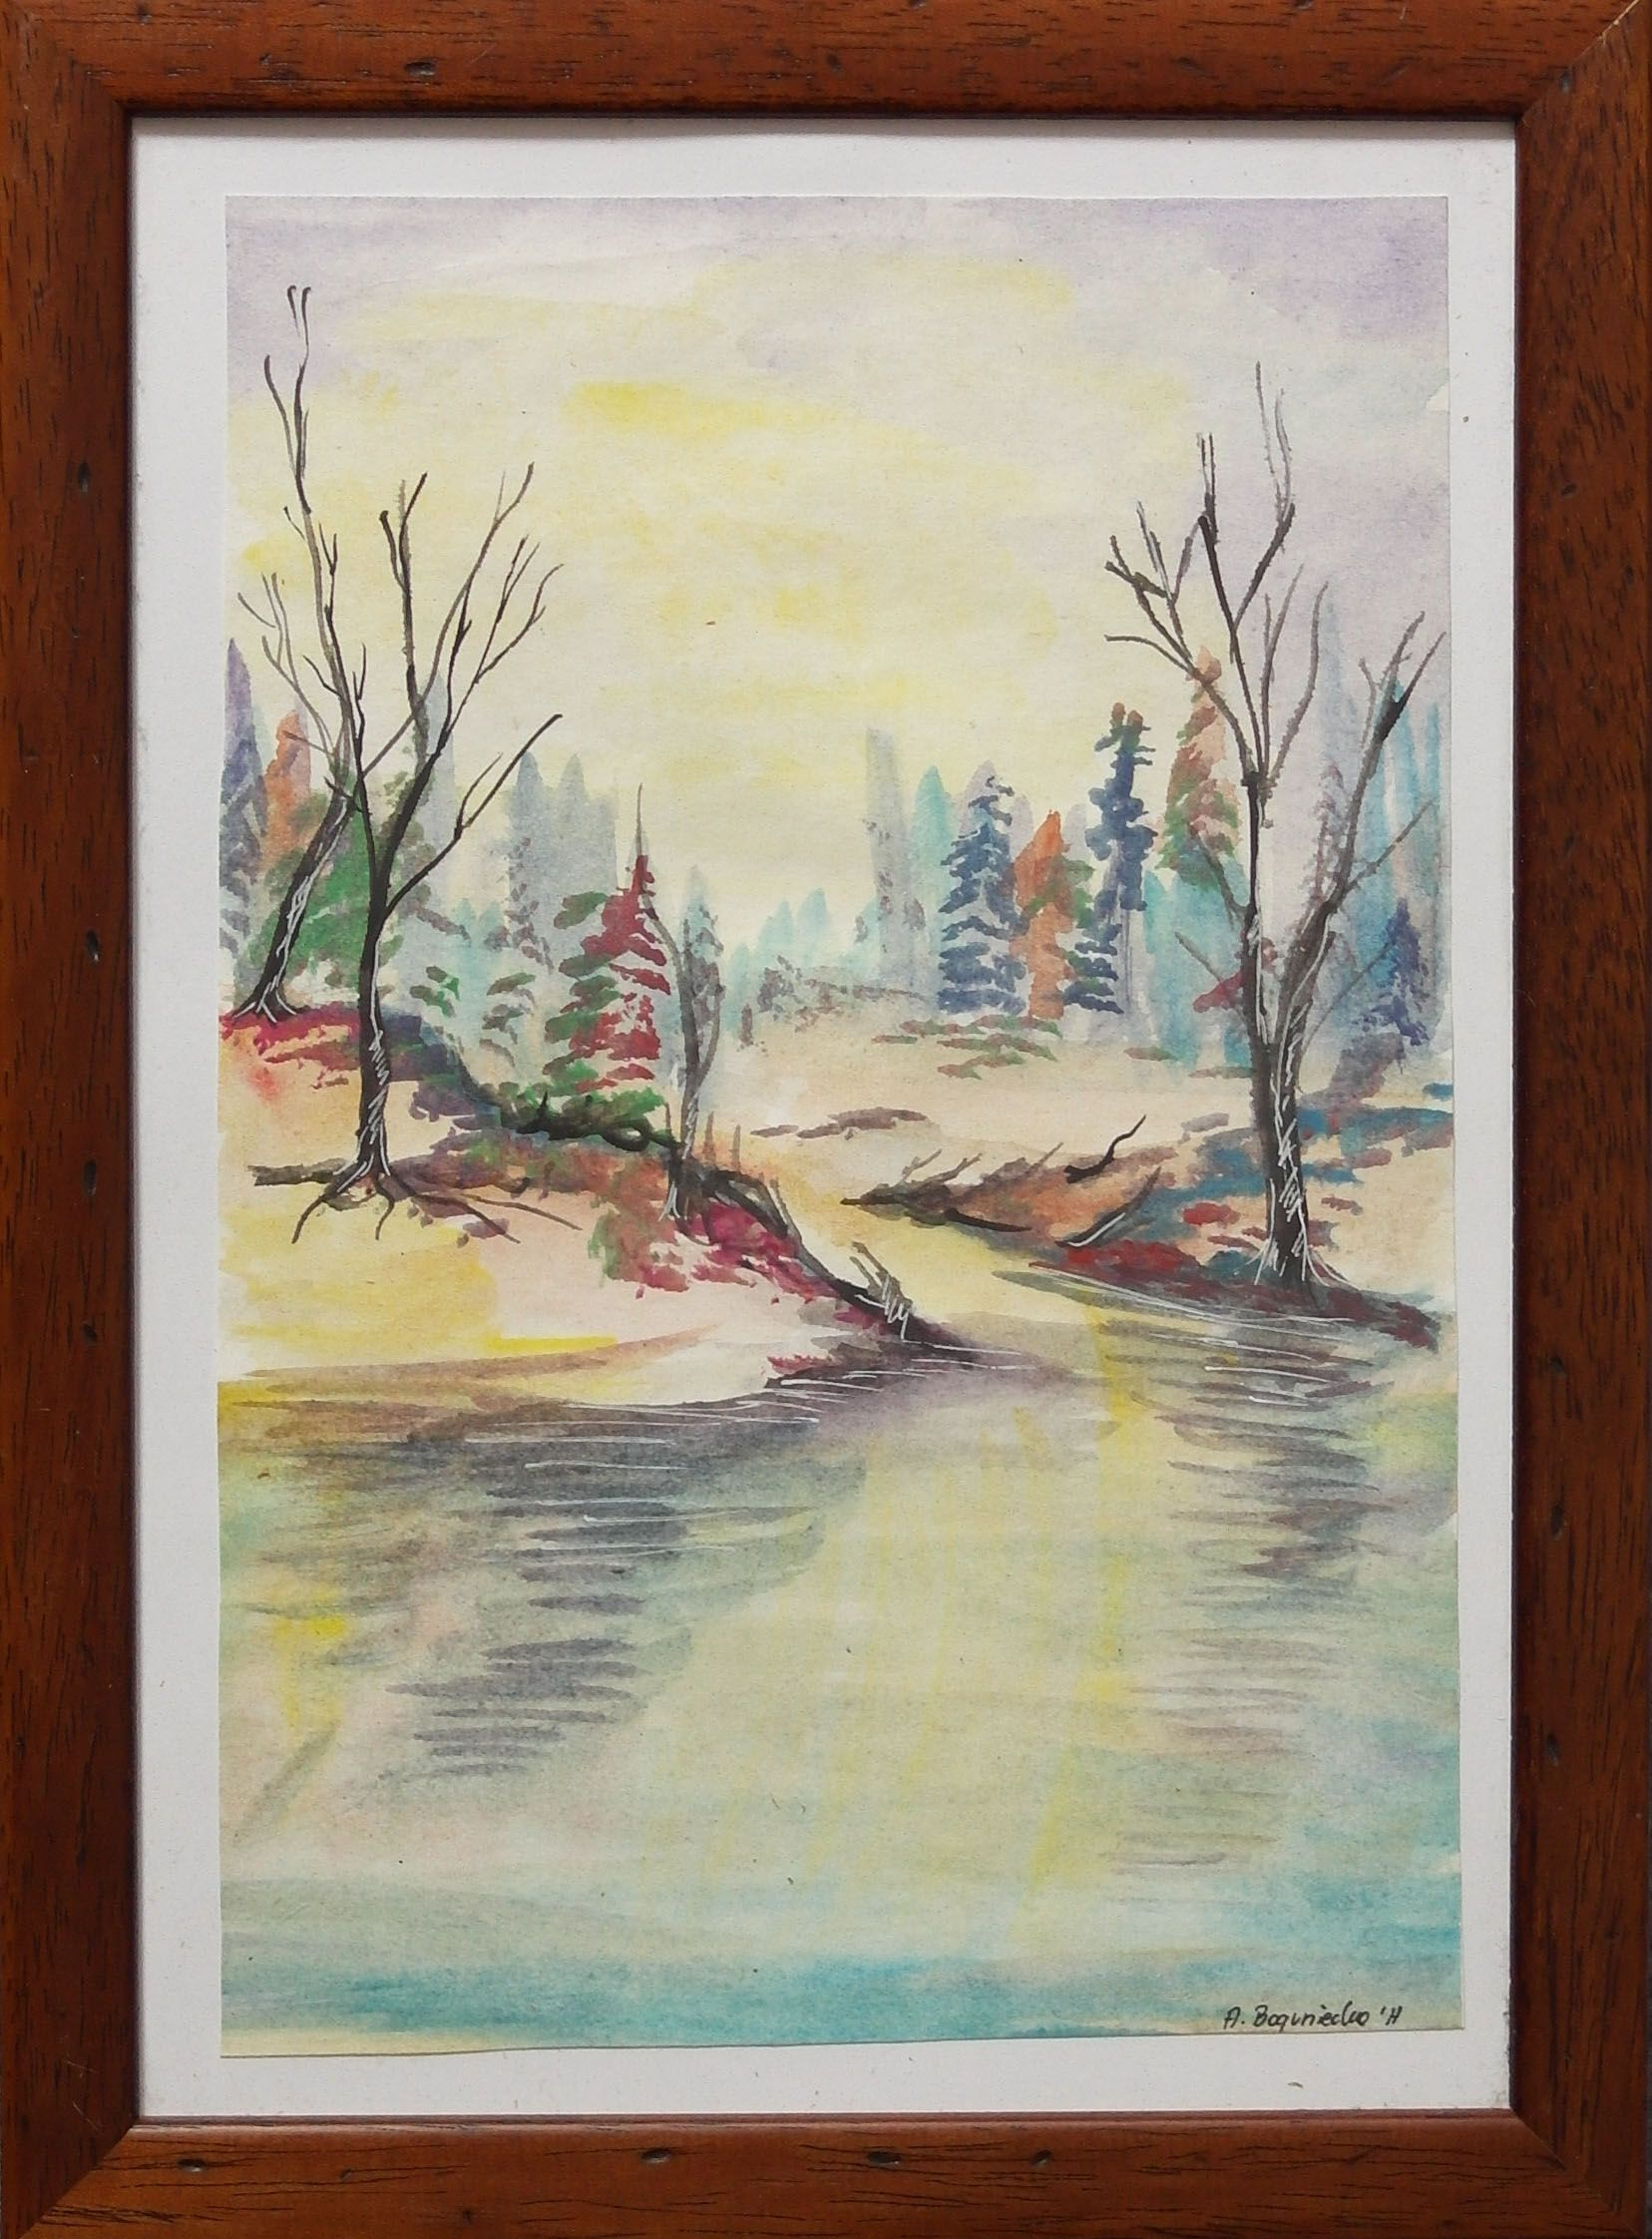 Obraz Malowany Farbami Akwarelowymi Krajobraz Zimowy Art Painting